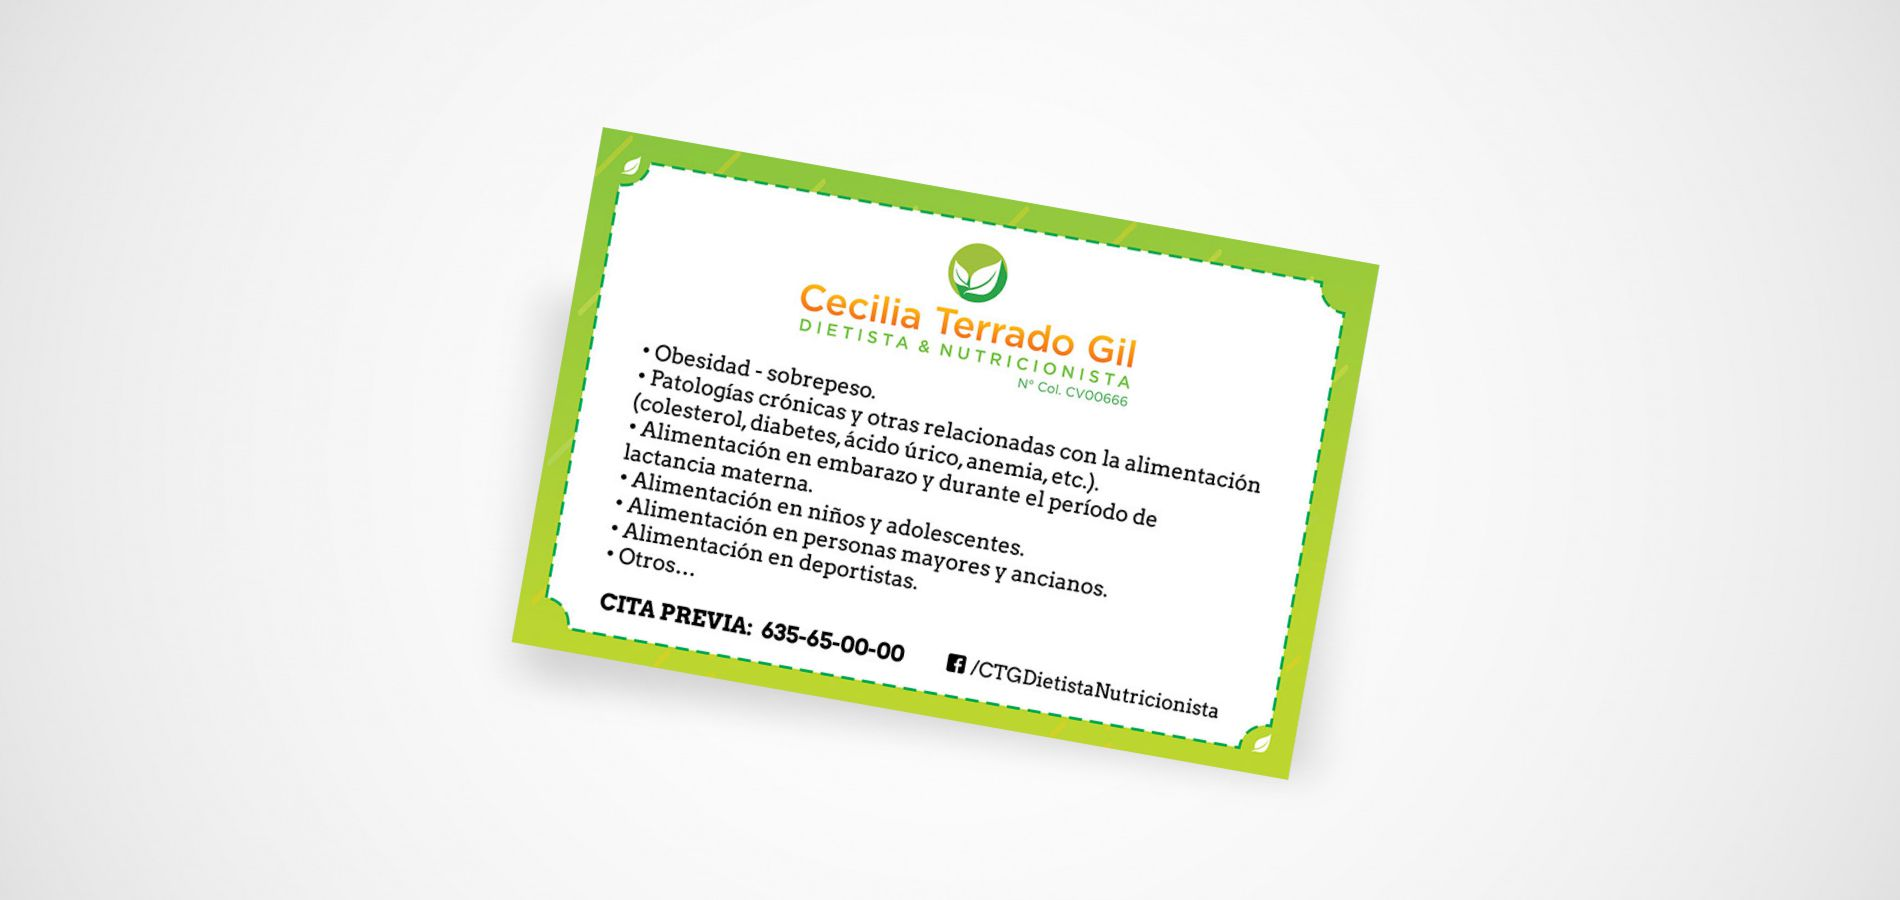 Cecilia Terrado Gil